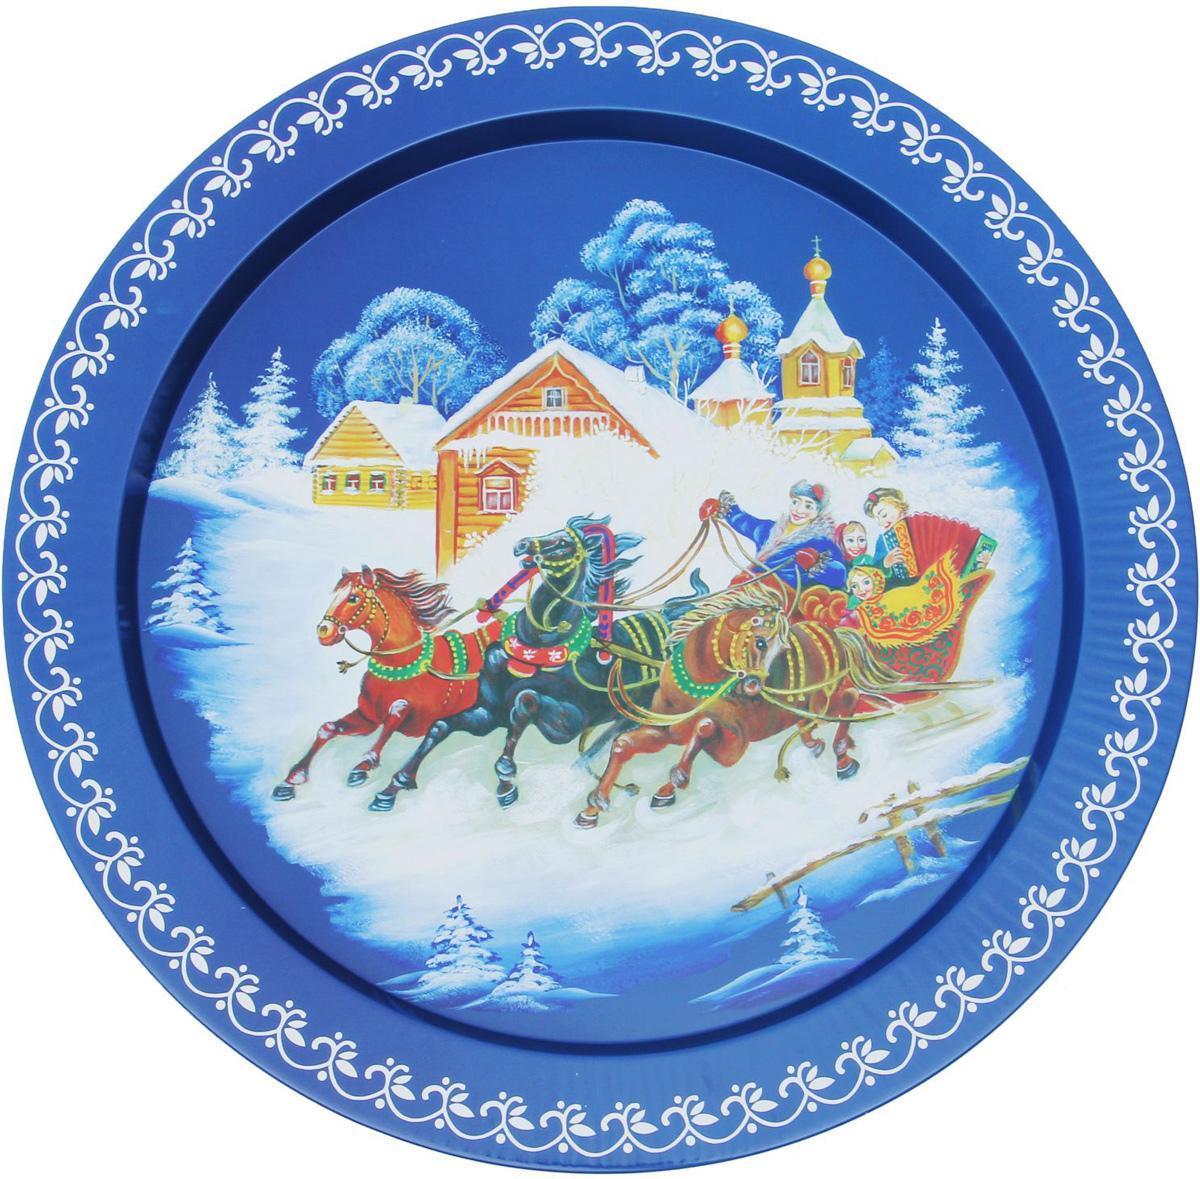 Поднос Зима, цвет: белый, темно-синий, диаметр 37,9 см1617214_белый, темно-синийОт качества посуды зависит не только вкус еды, но и здоровье человека. Поднос Зима - товар, соответствующий российским стандартам качества. Любой хозяйке будет приятно держать его в руках. С такой посудой и кухонной утварью приготовление еды и сервировка стола превратятся в настоящий праздник.